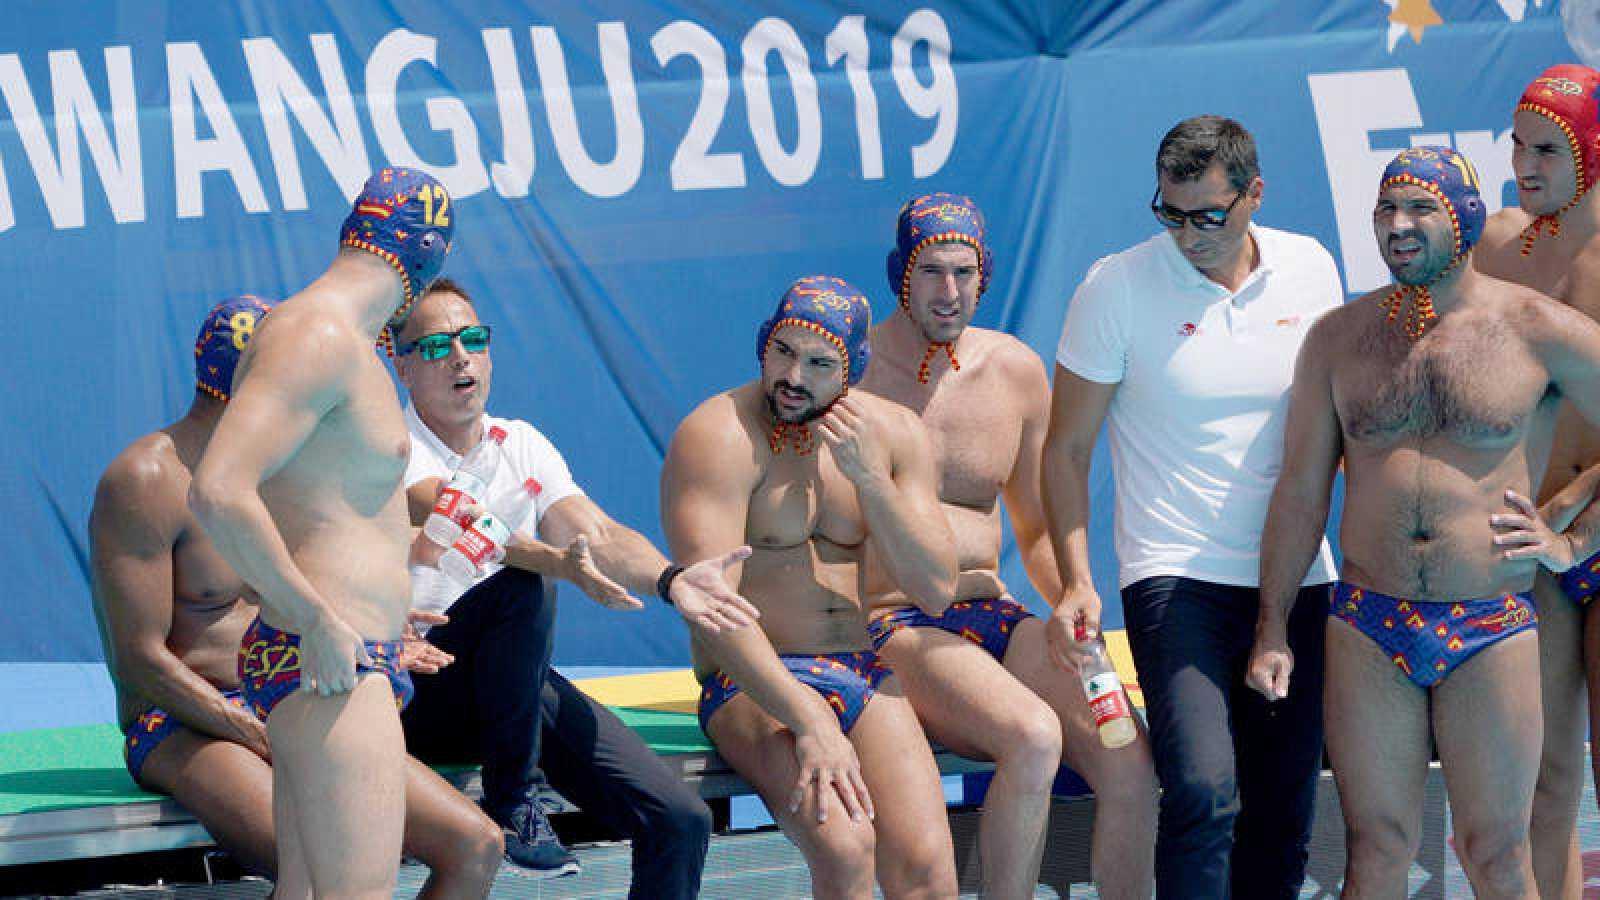 La selección masculina de waterpolo busca saborear de nuevo la gloria de un oro